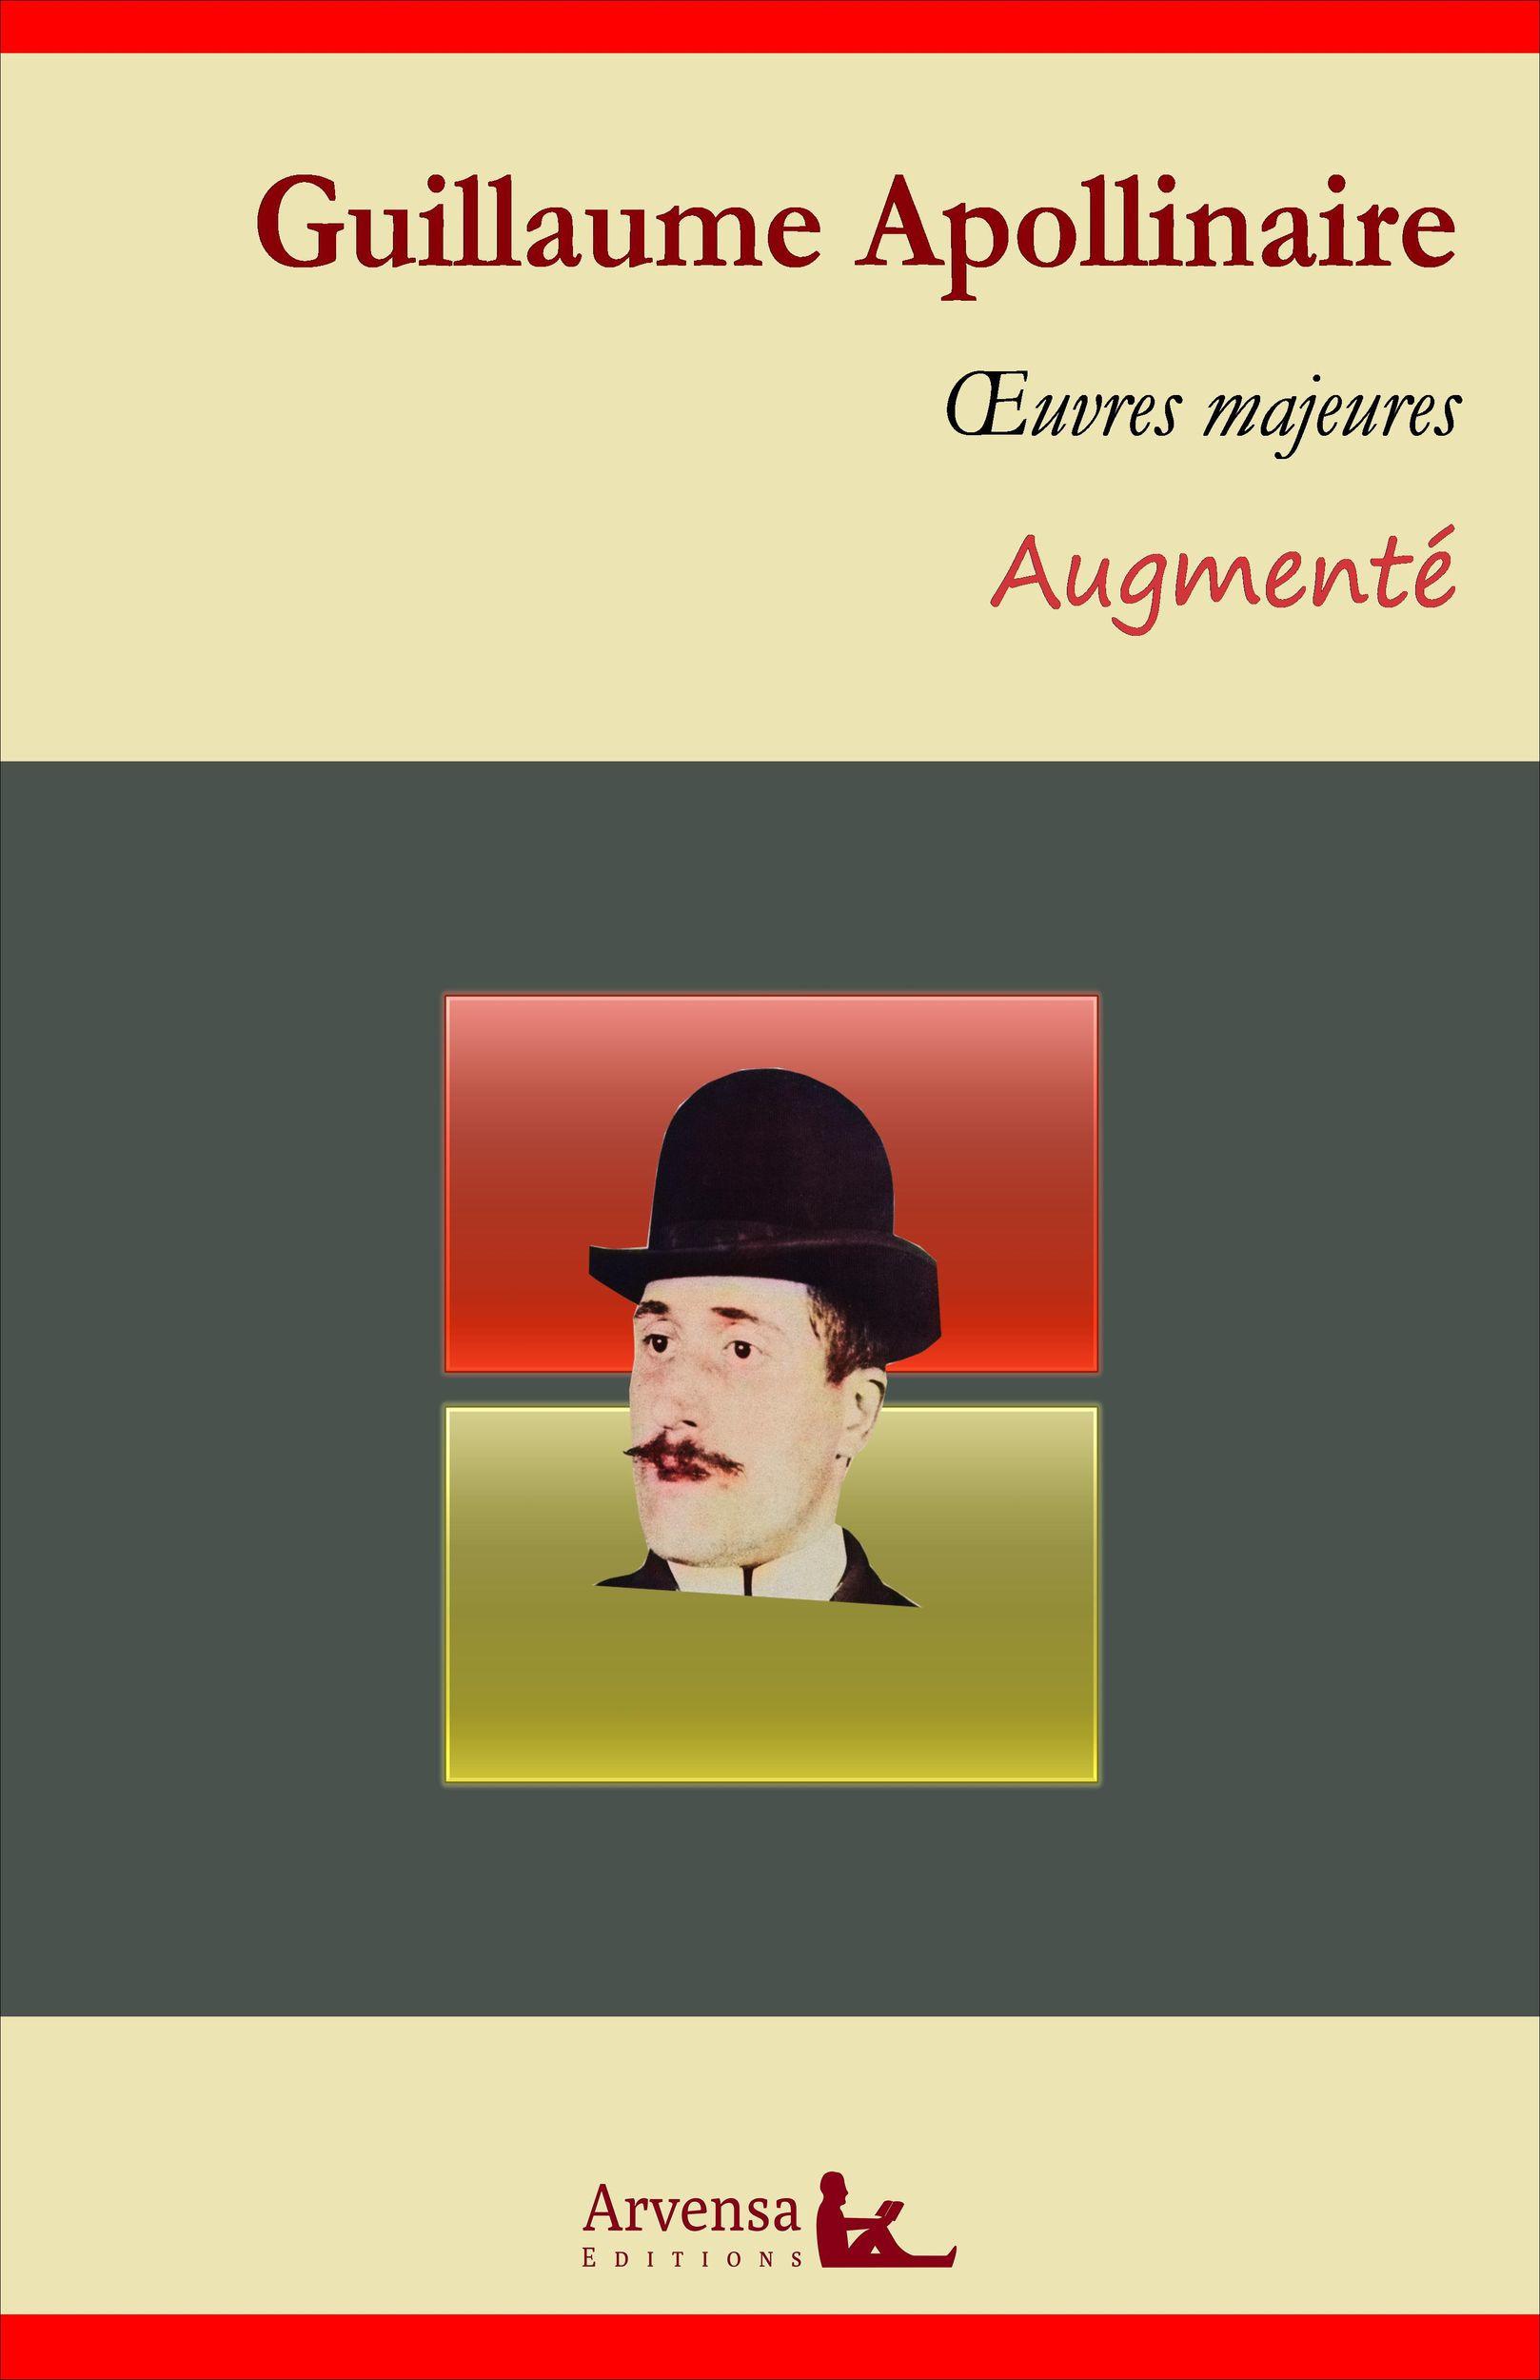 Guillaume Apollinaire : Oeuvres - suivi d'annexes (annotées, illustrées)